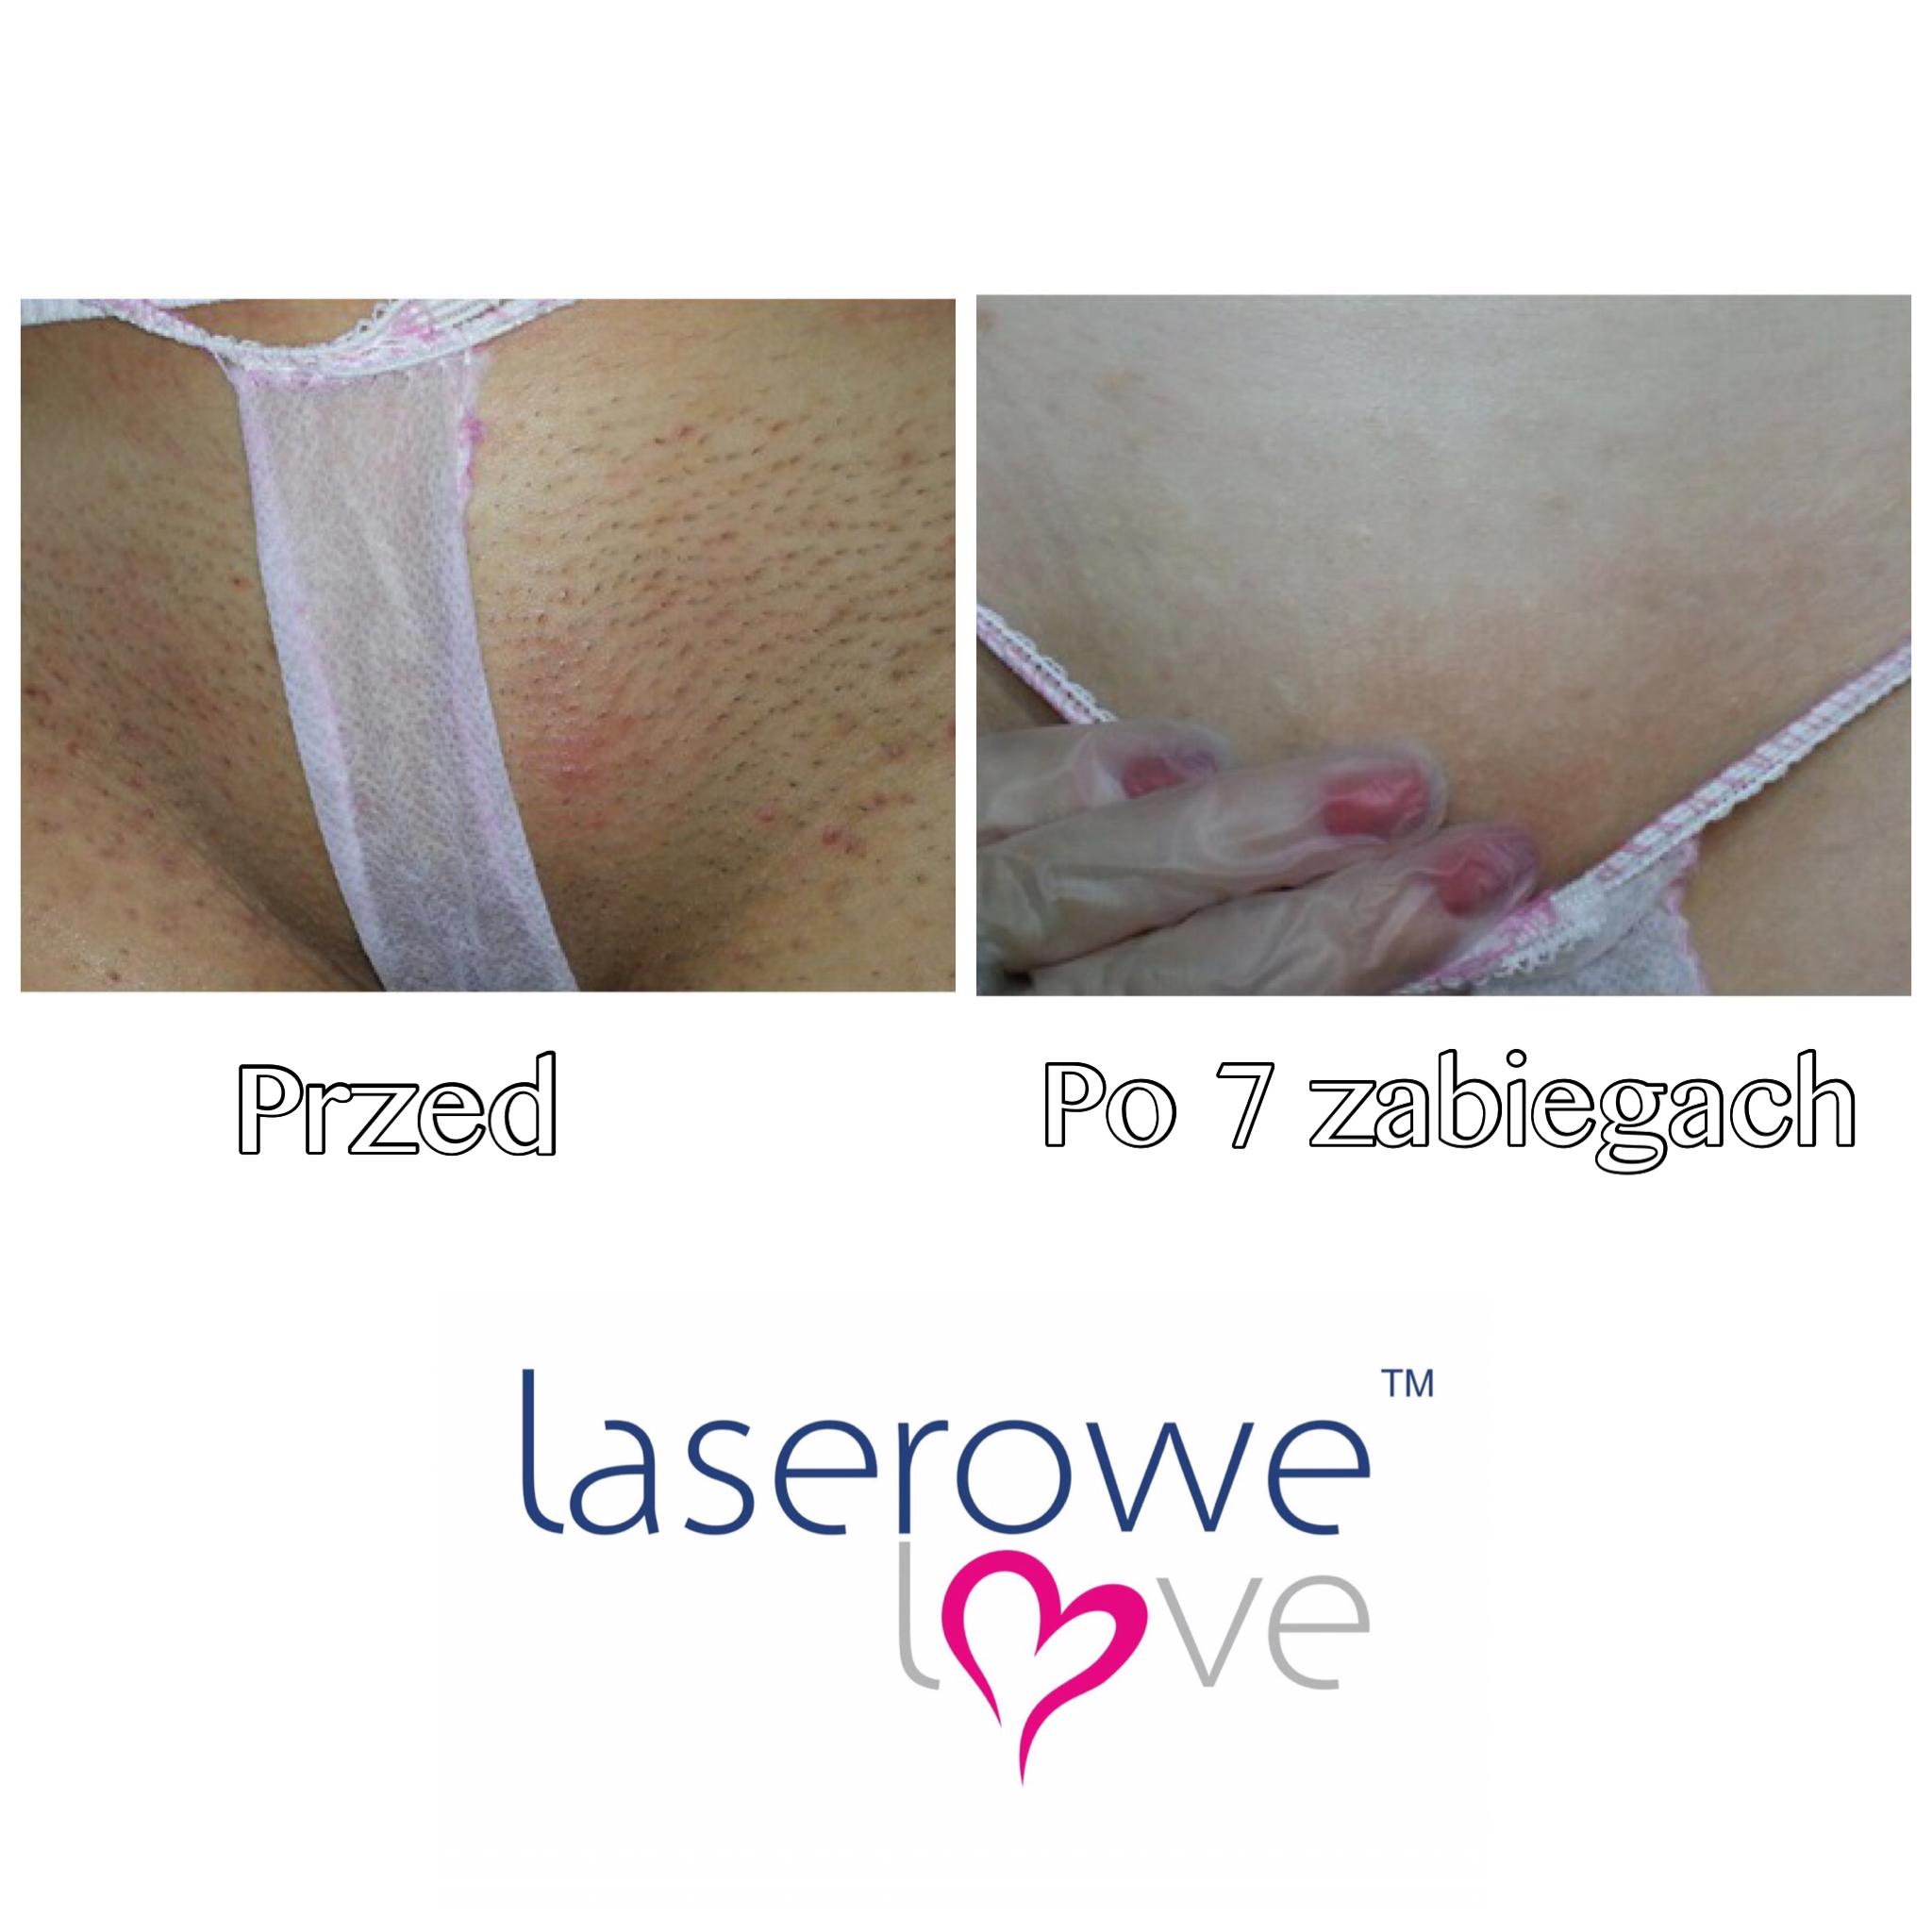 laserowe-love-raciborz-ightsheer-desire-trwale-skuteczne-usuwanie-owlosienia_7954 00.52.37